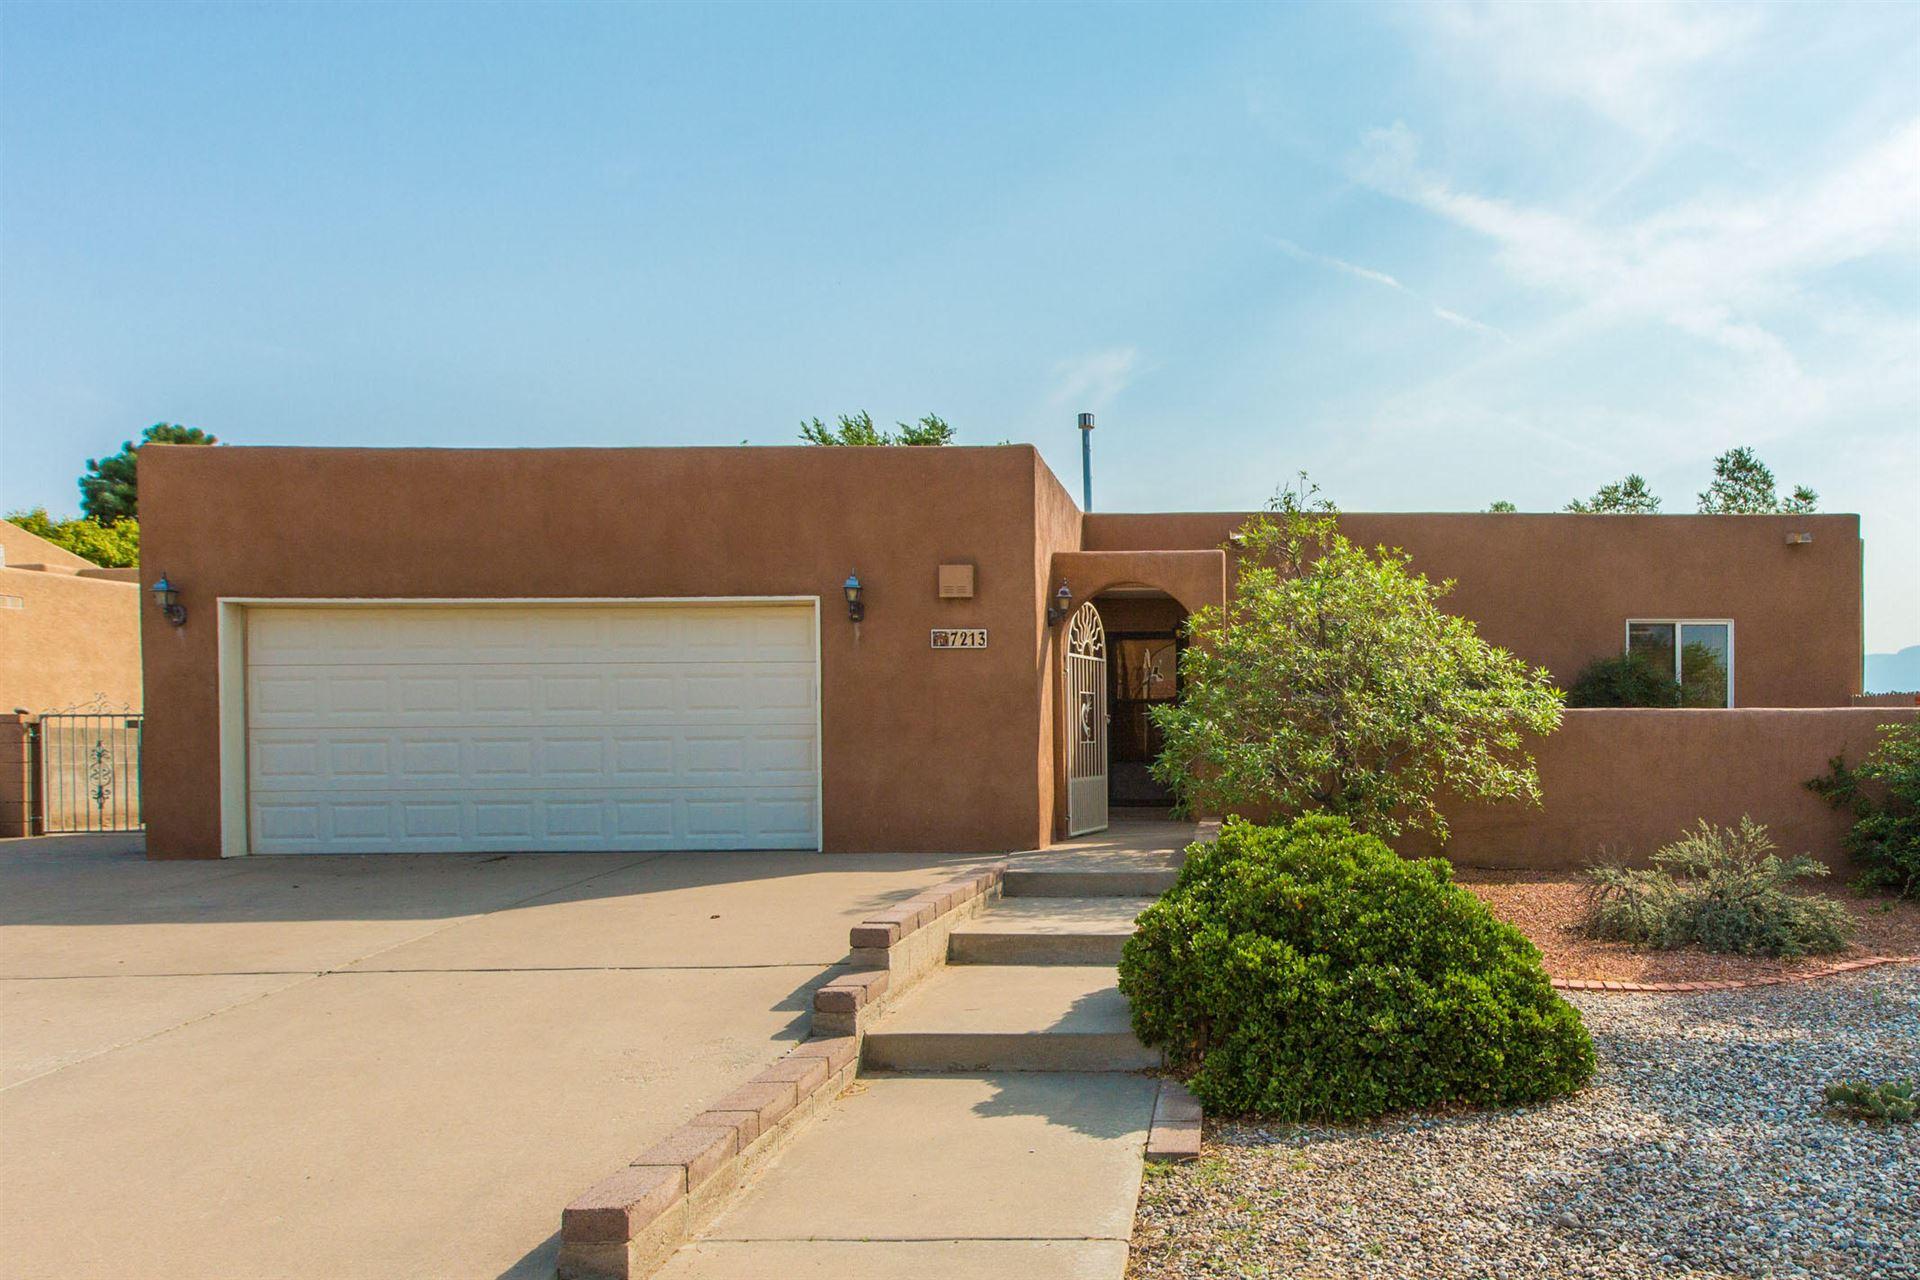 7213 DODGE Trail NW, Albuquerque, NM 87120 - MLS#: 997244